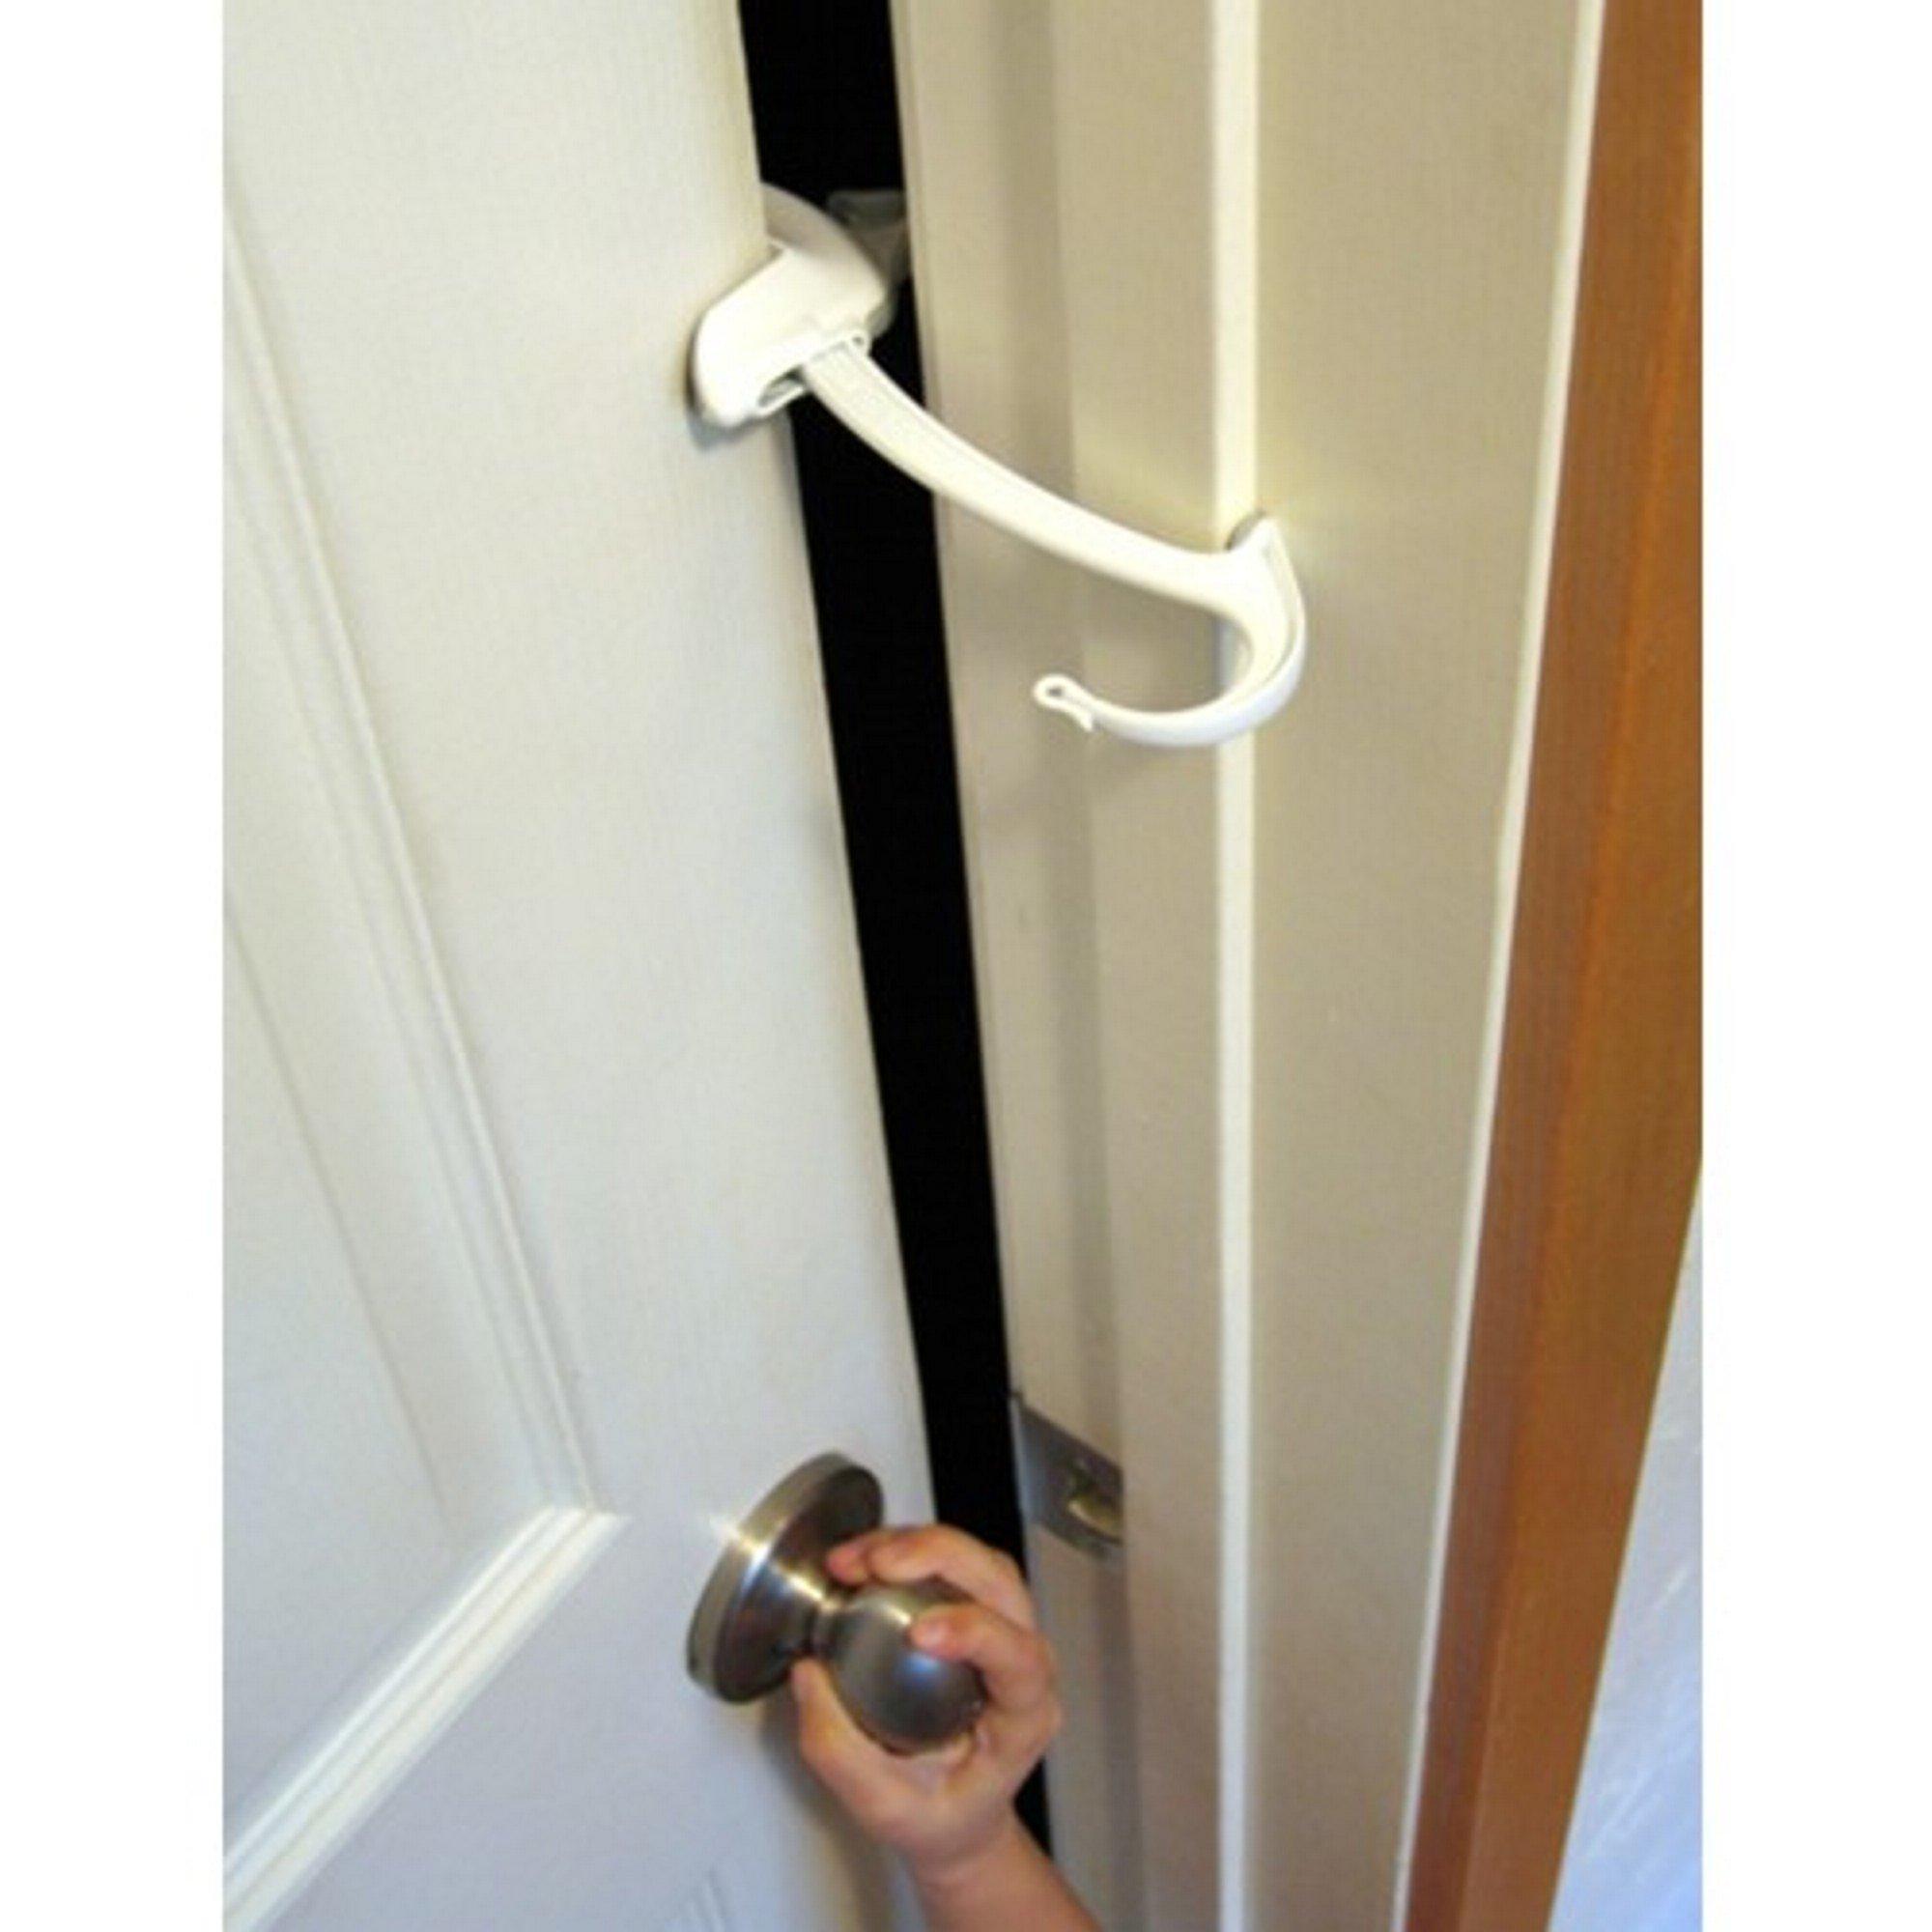 DOOR MONKEY Door Lock & Pinch Guard - Safety Door Lock For Kids - Baby Proof Door Lock For Bedrooms, Bathrooms & Kitchens - Easy, Convenient & Simple To Install - Very Portable - Great For Dogs & Cats by Door Monkey